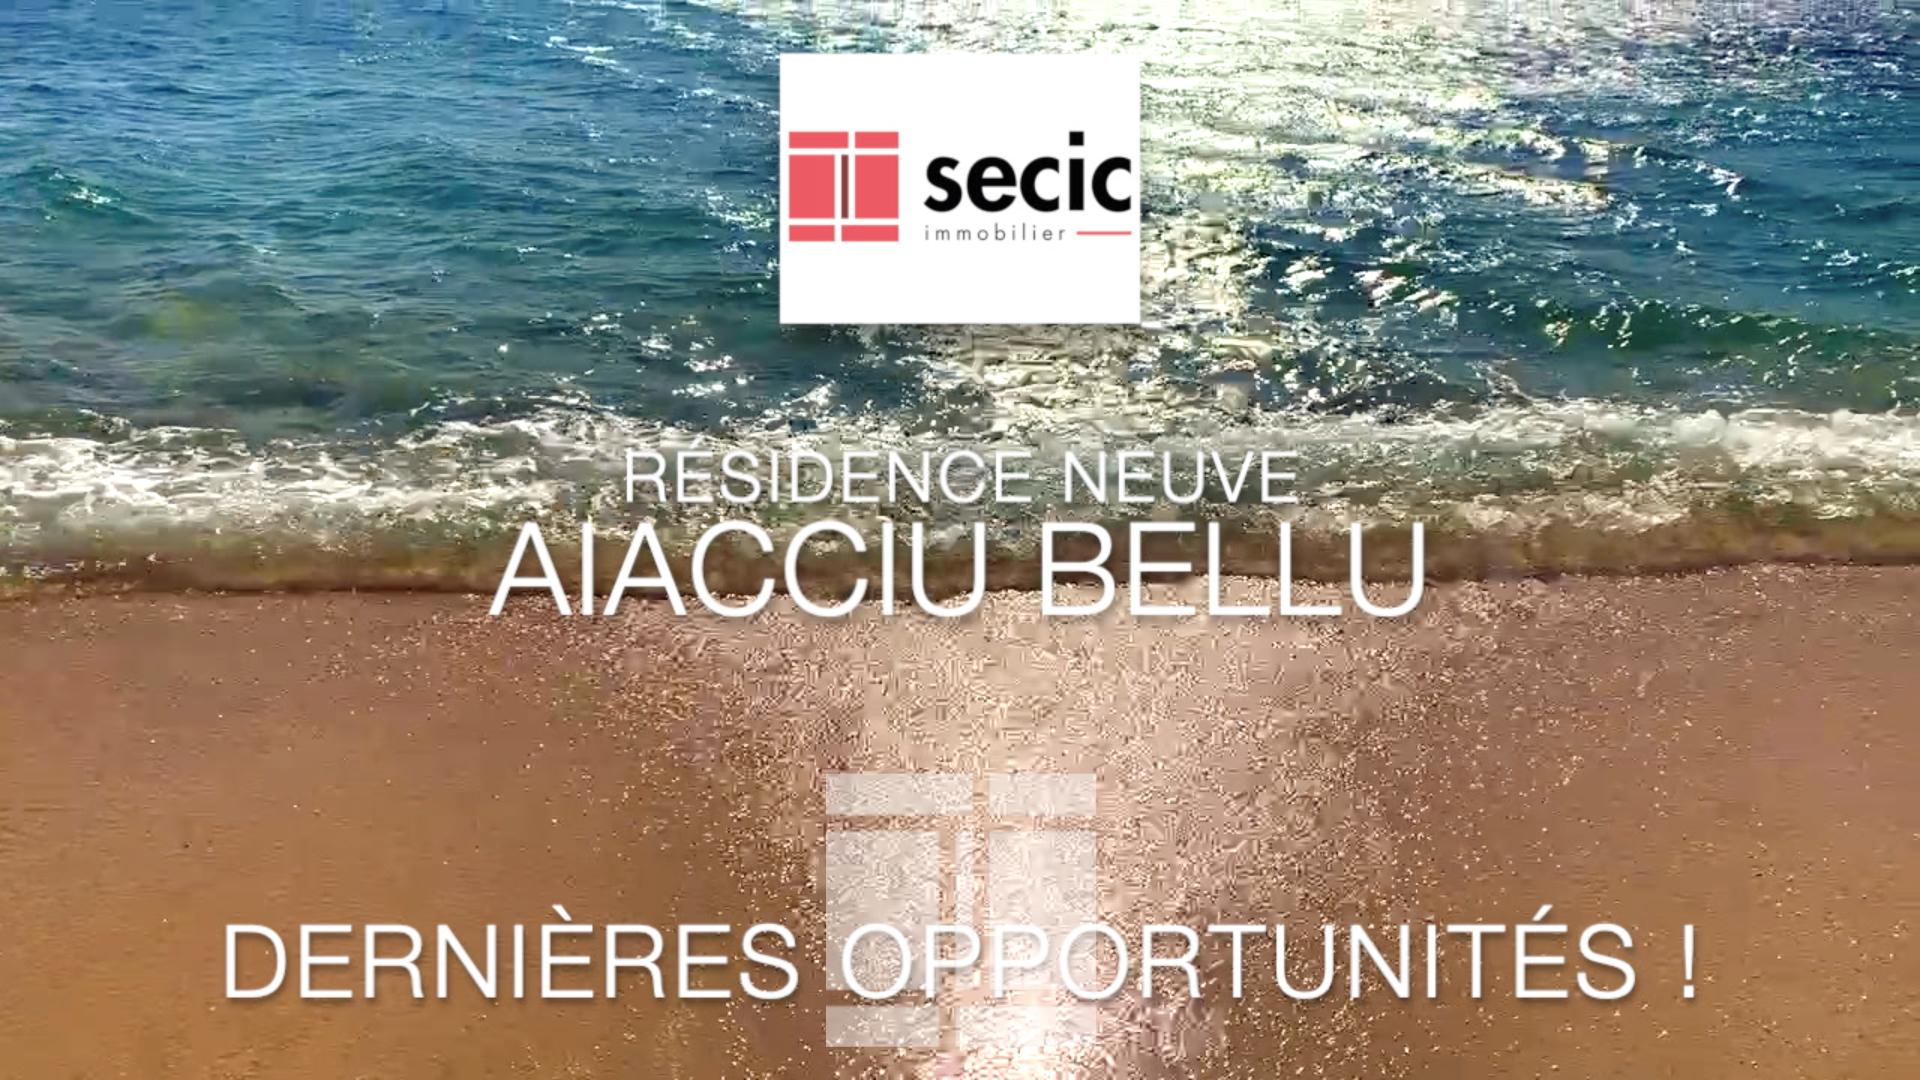 RESIDENCE AIACIU BELLU - ASPRETTO - T3 - 92 m2 - à partir de 390 000 €